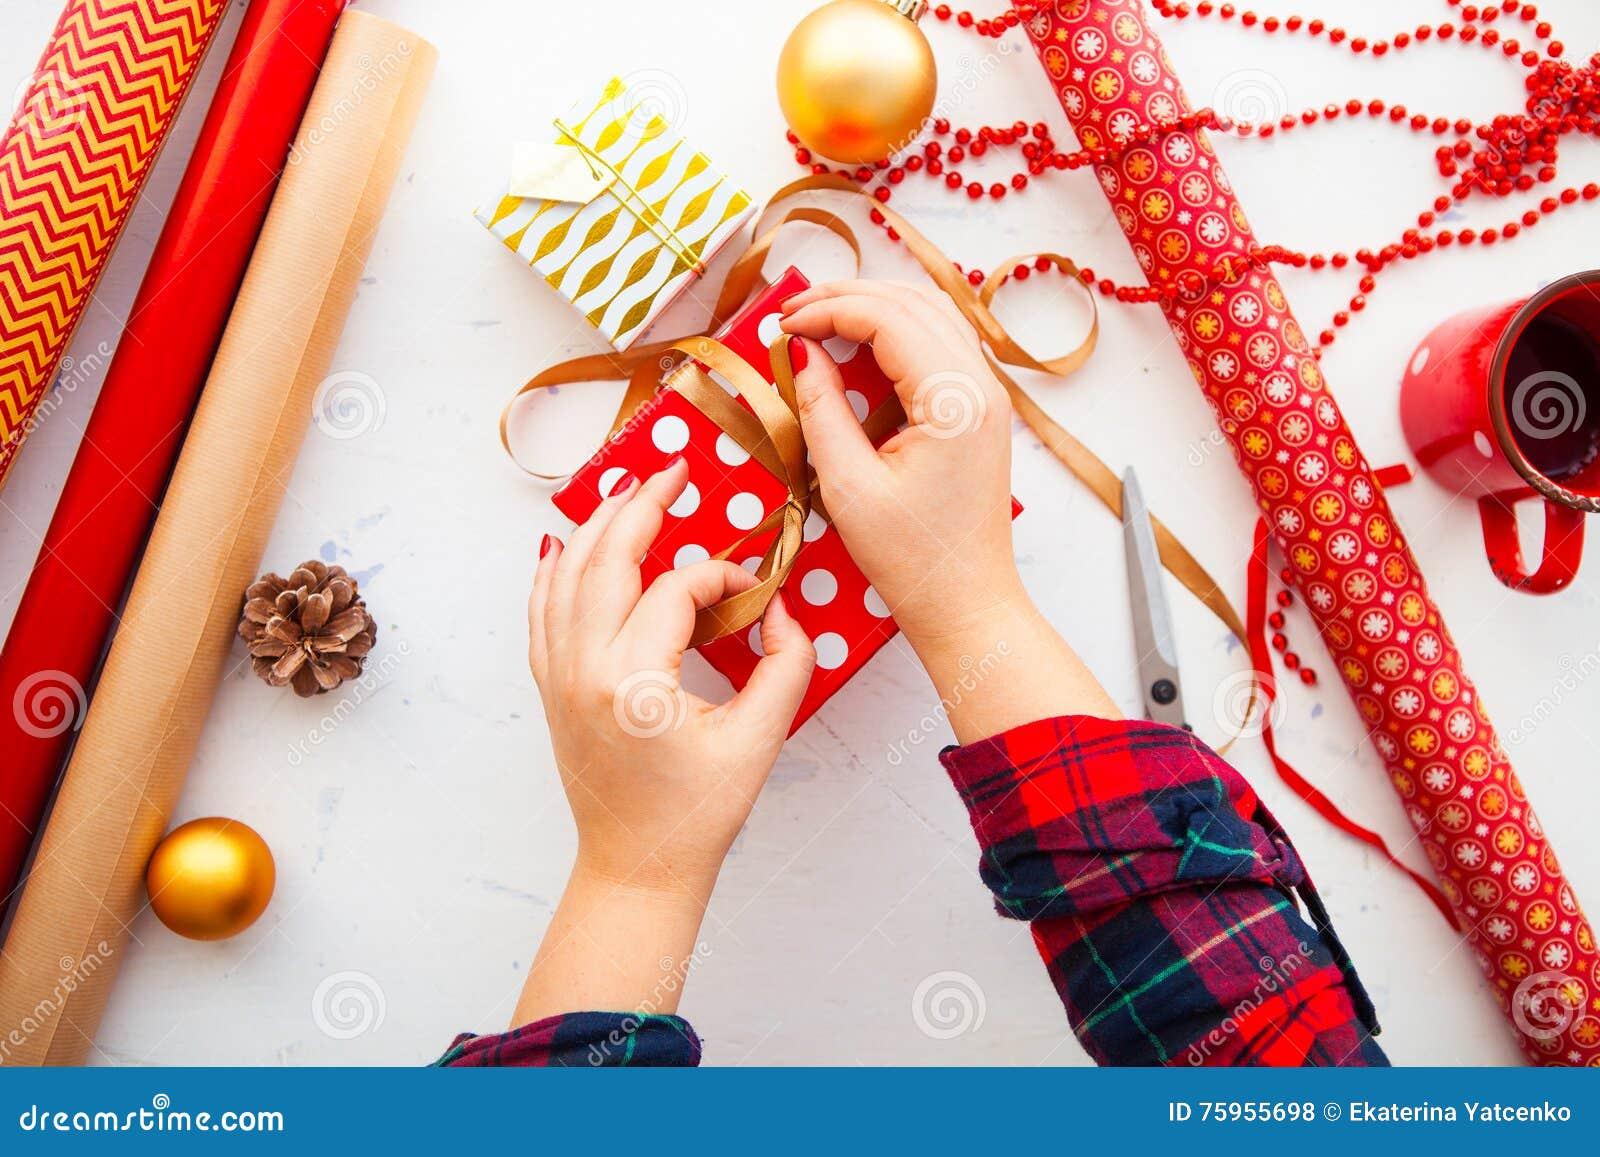 Weibliche Hände, Die Weihnachtsgeschenke In Papier Einwickeln Und ...